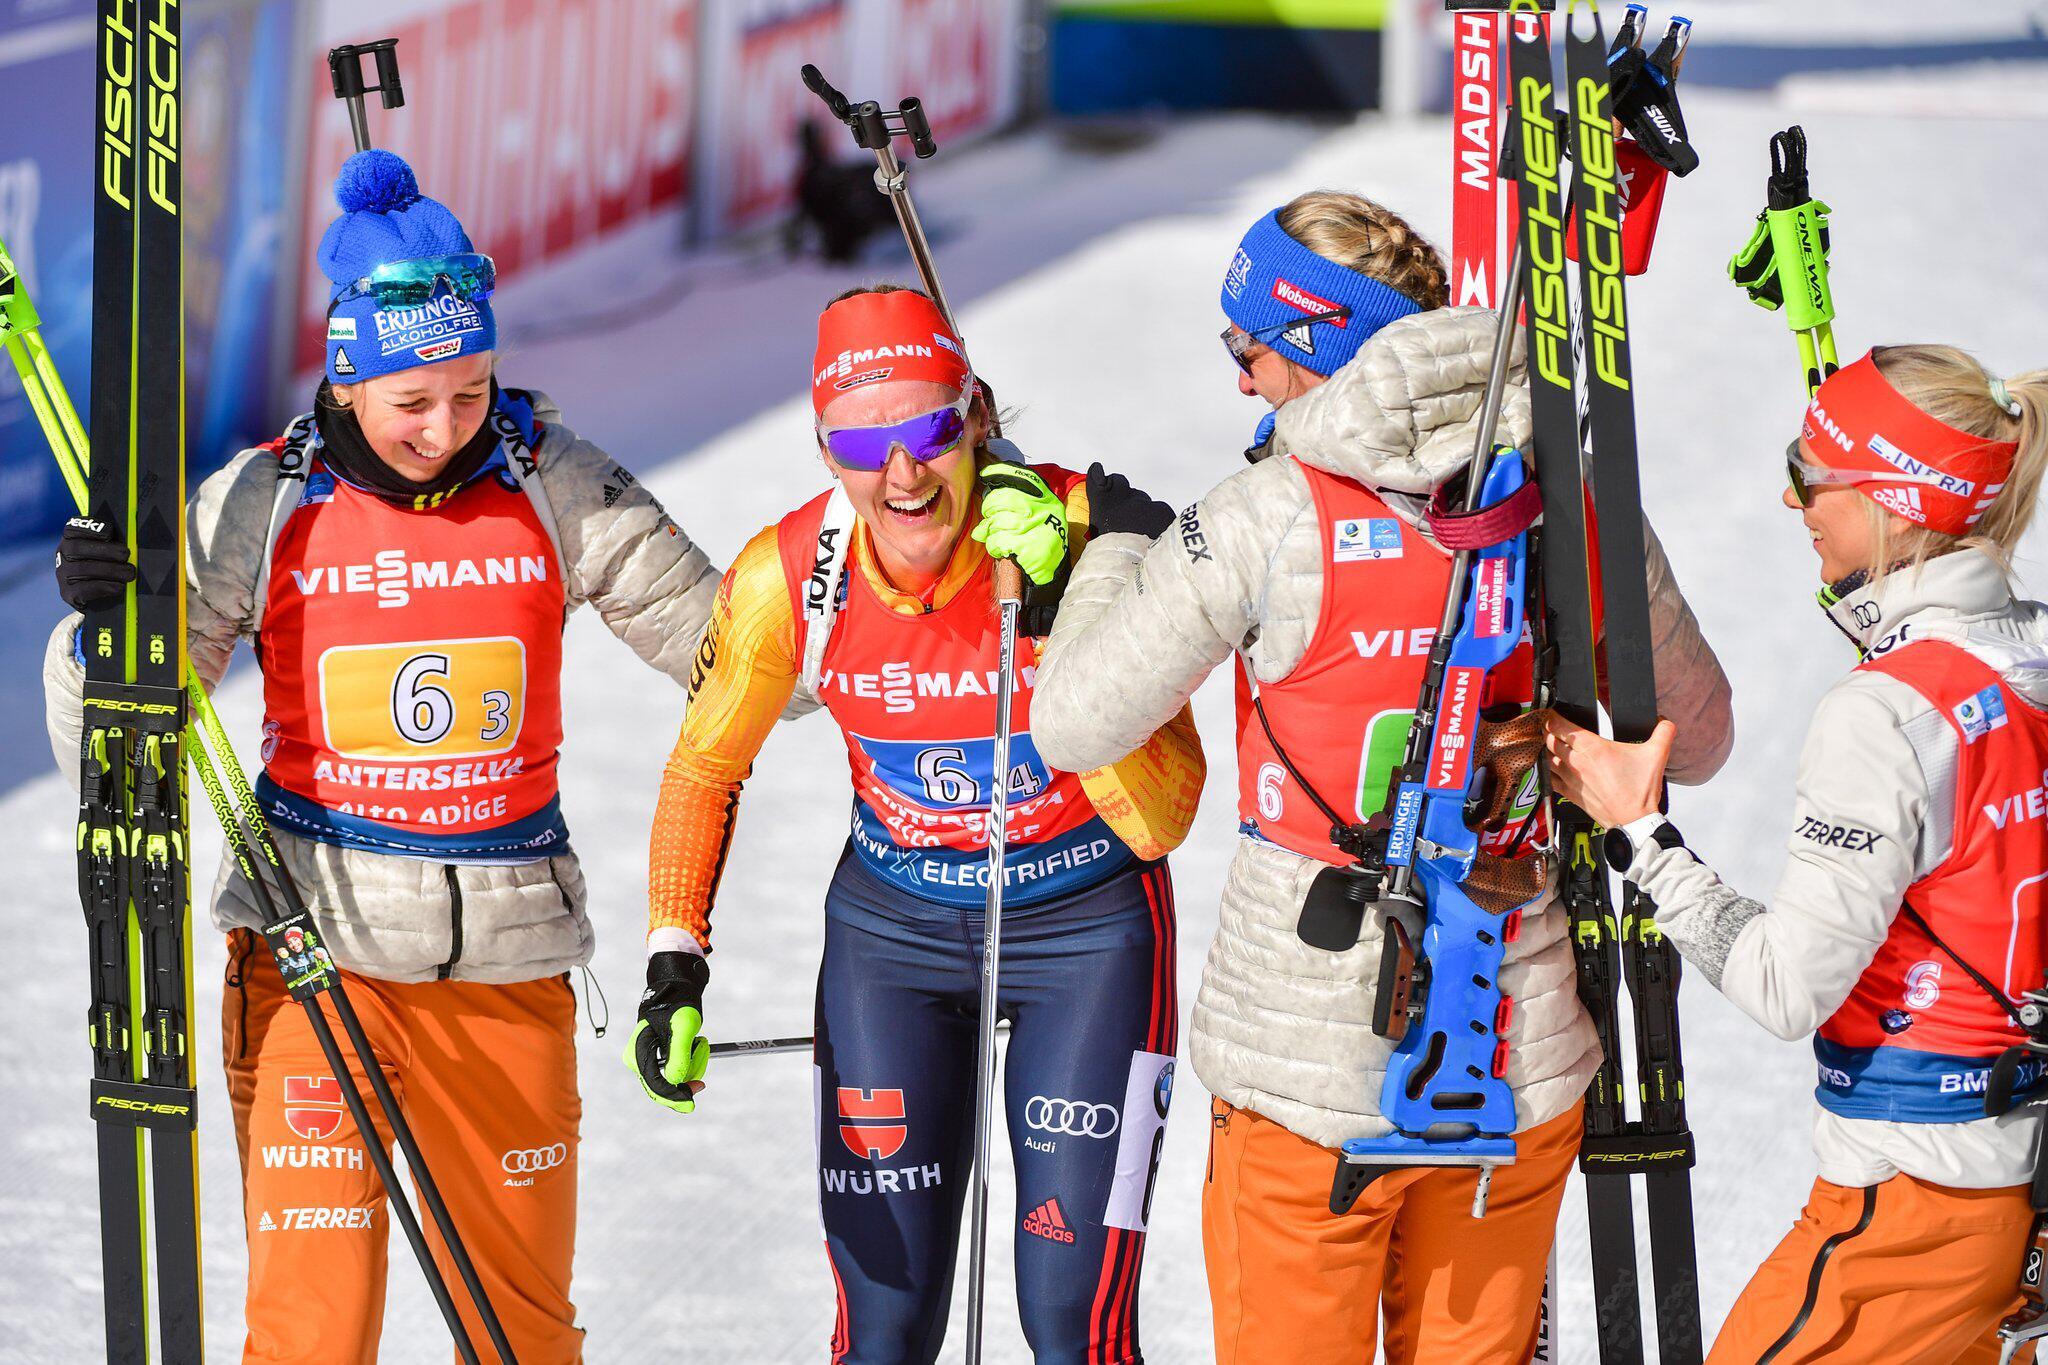 Bild zu Biathlon - Weltmeisterschaft/Weltcup: Staffel-Silber